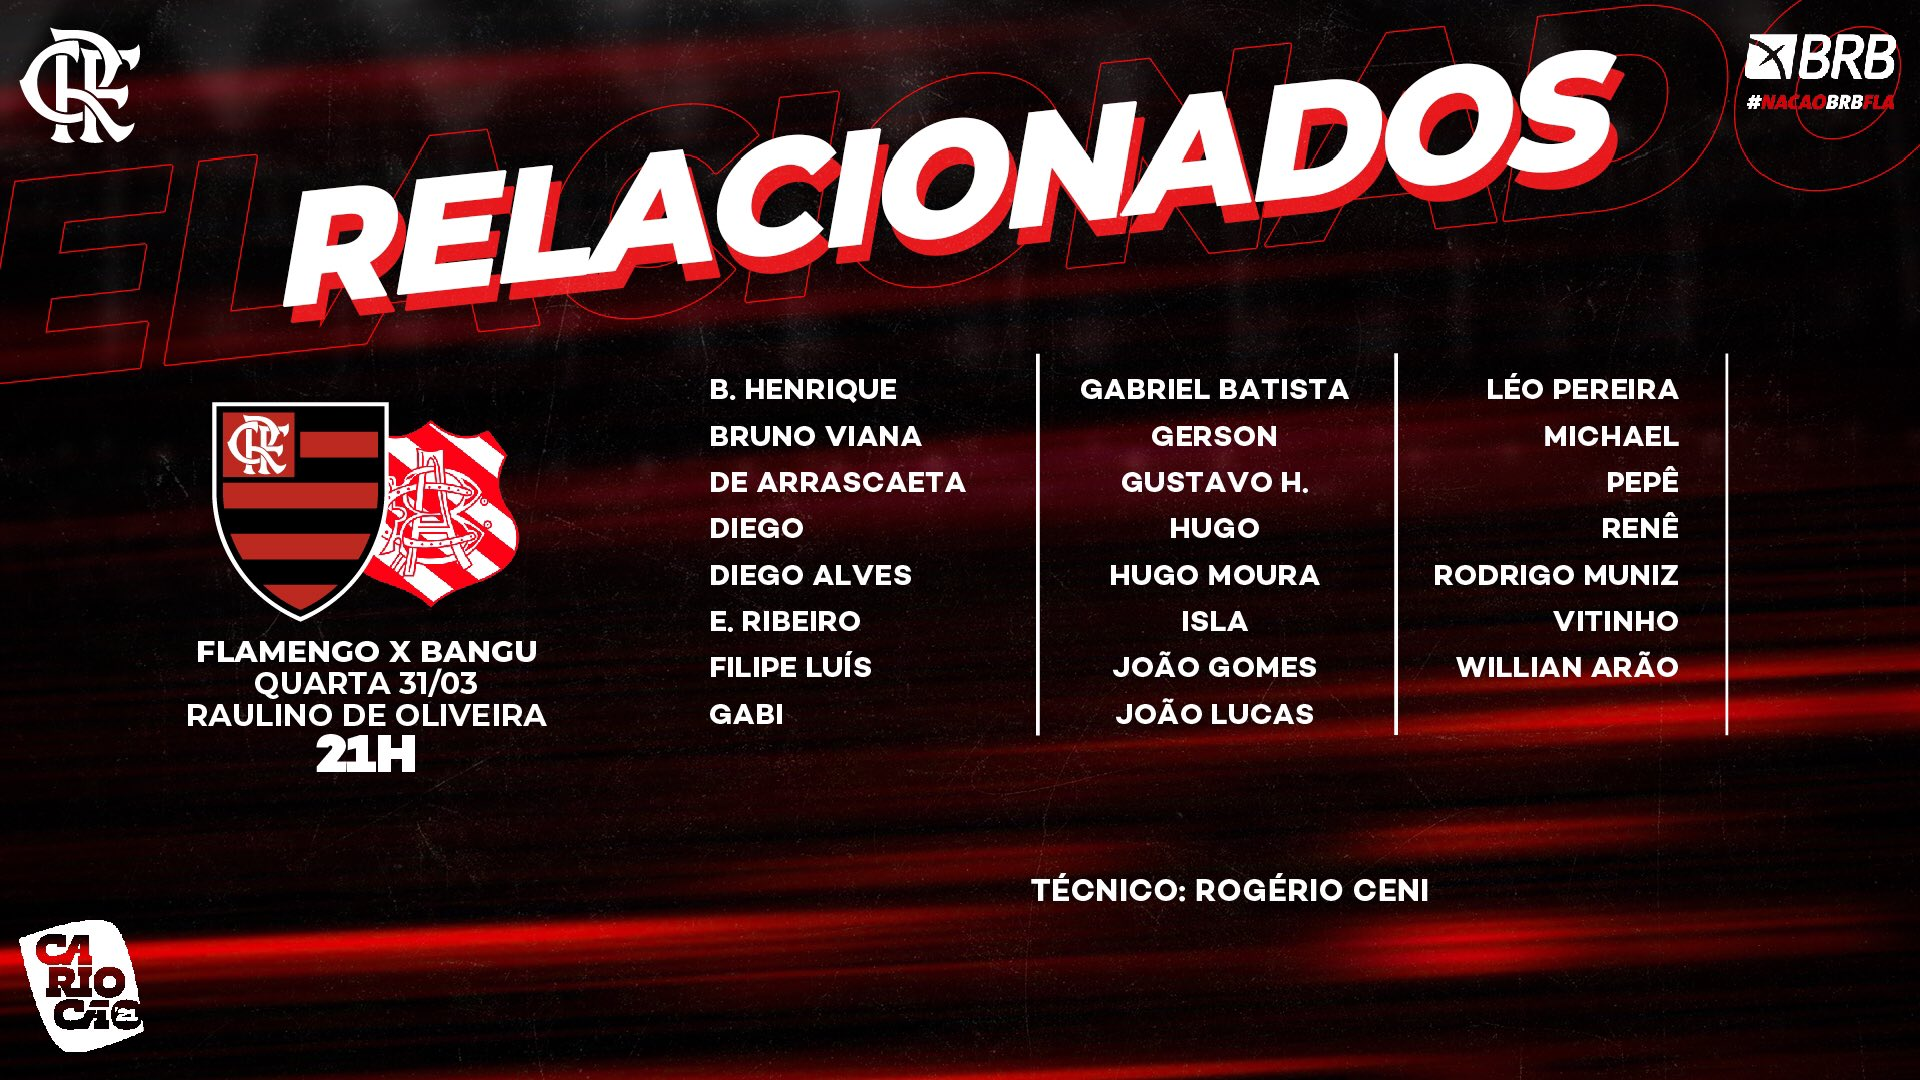 Flamengo relacionados Bangu